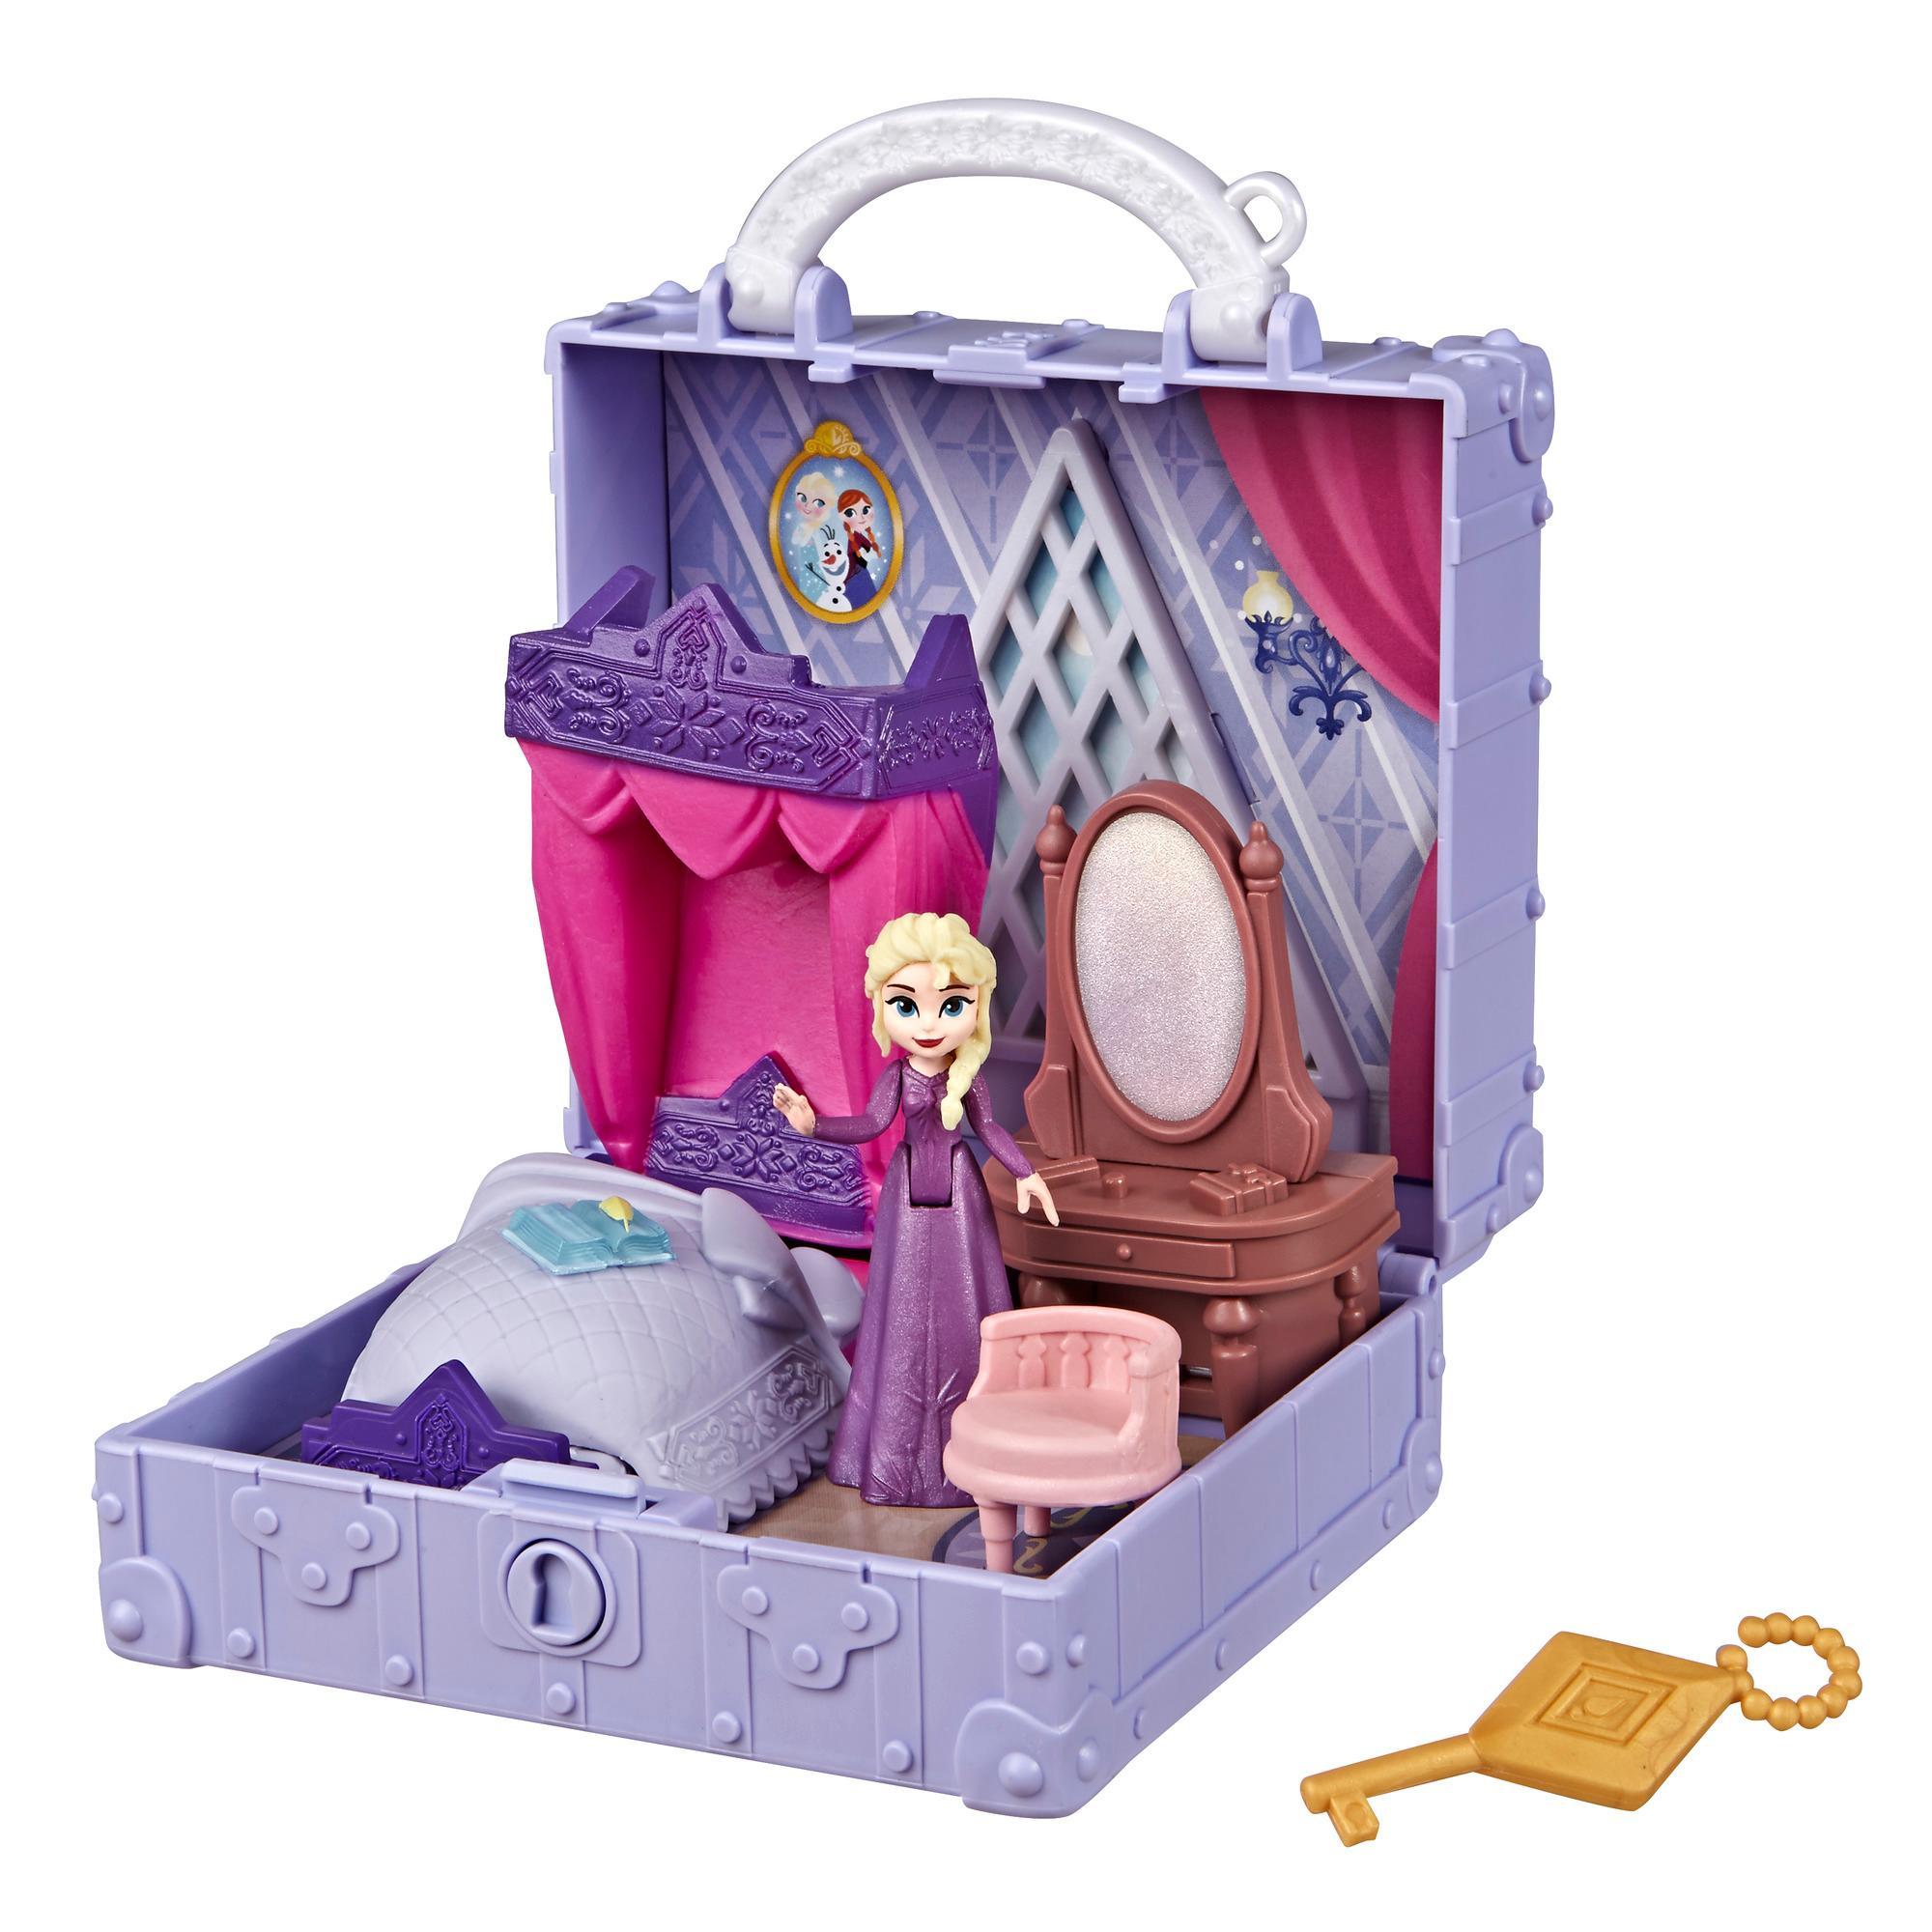 Disney Frozen Pop Adventures Elsa's Bedroom Pop-up Playset With Handle